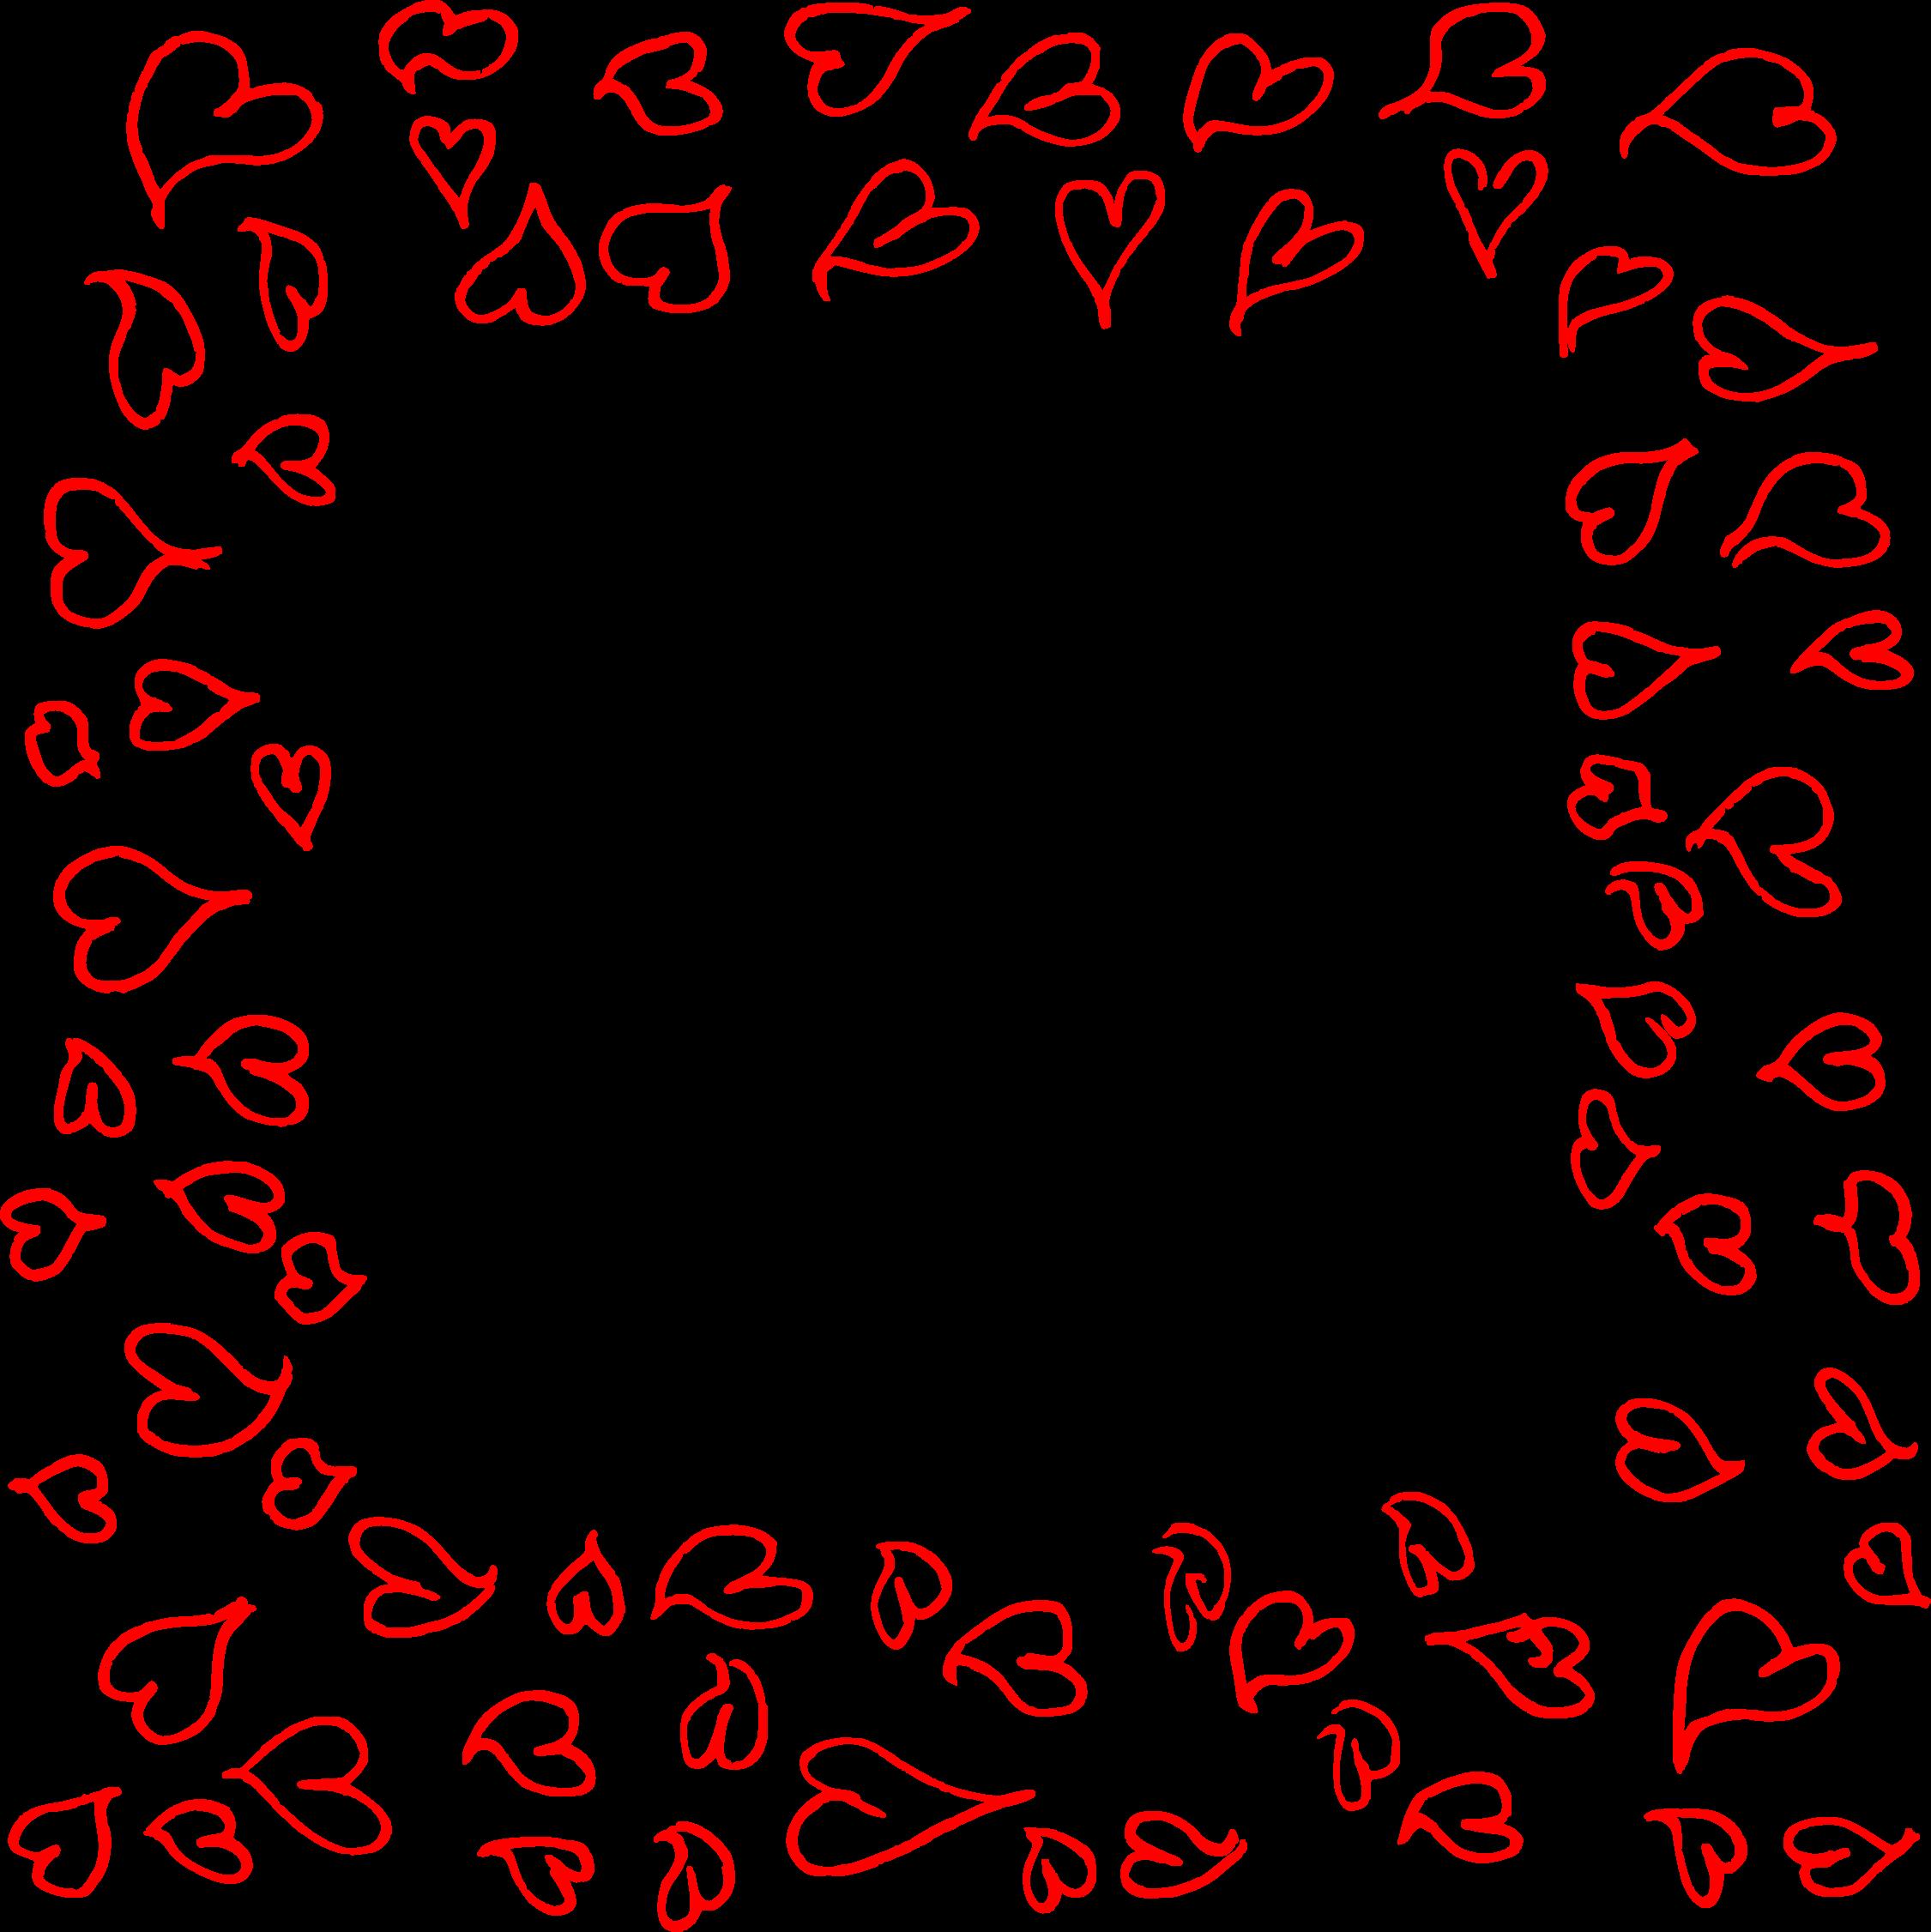 heart-doodle-frame-2-1.png